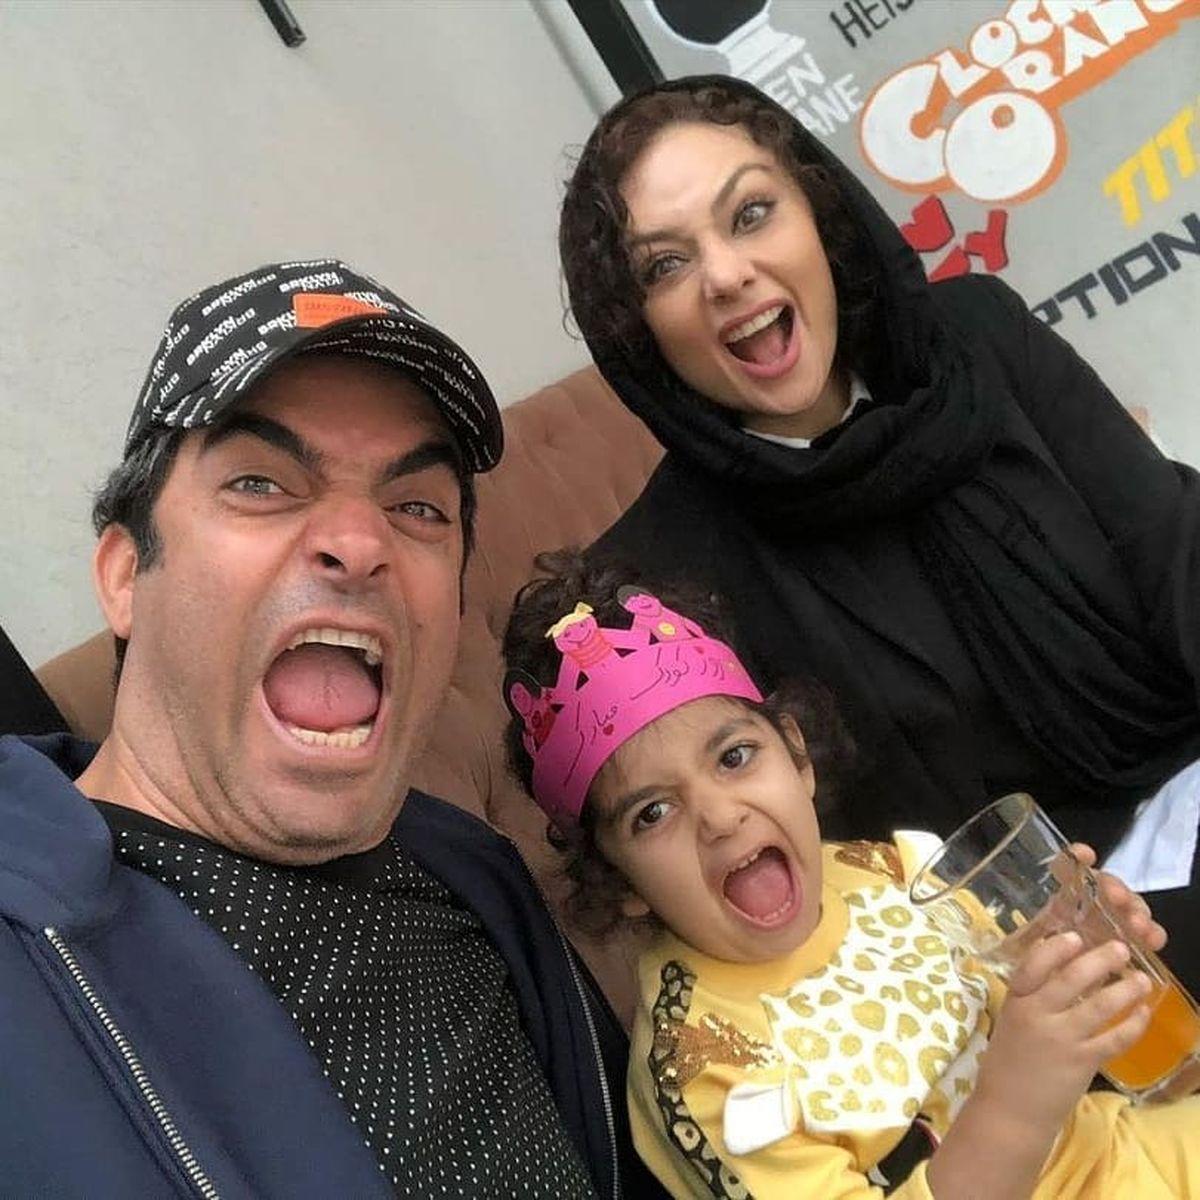 ژست عجیب و غیرعادی یکتا ناصر و خانواده اش + عکس